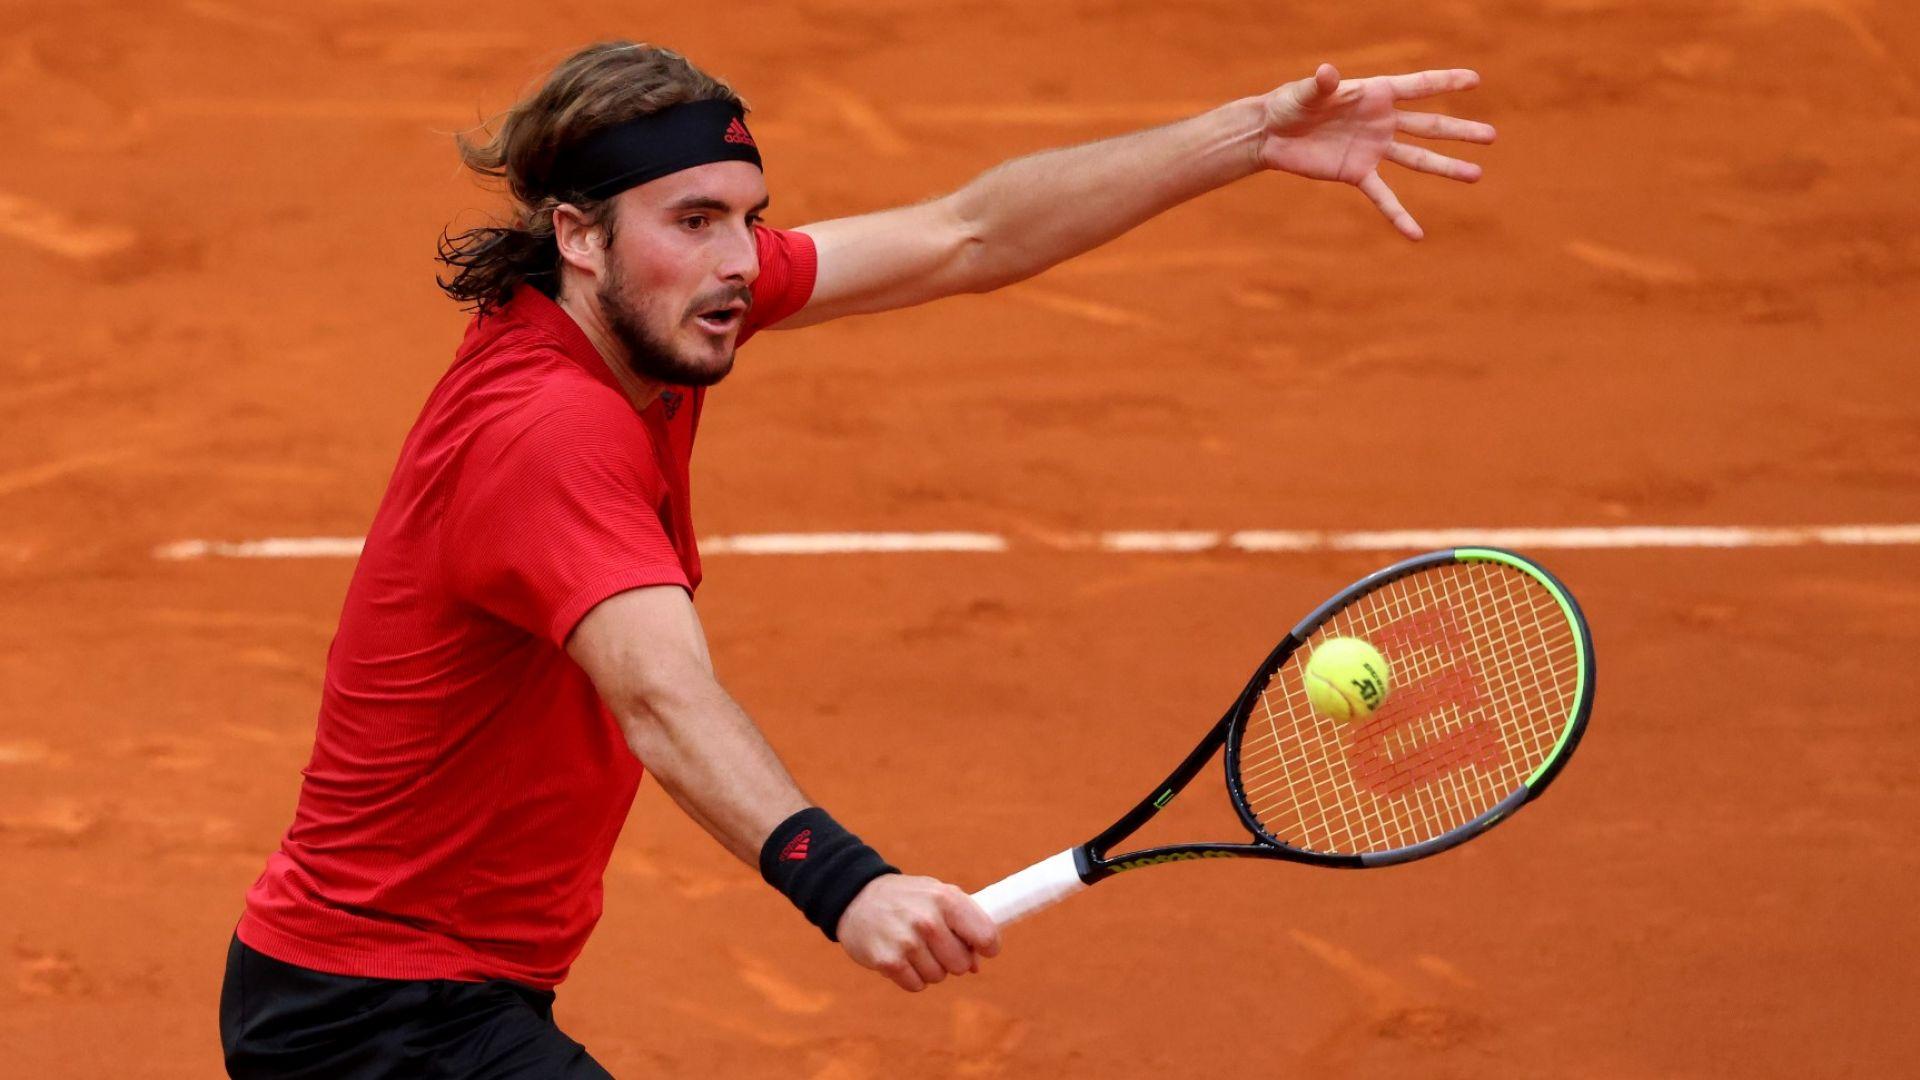 Задава се голям четвъртфинал в Мадрид, световният №5 обаче ще гледа по телевизията